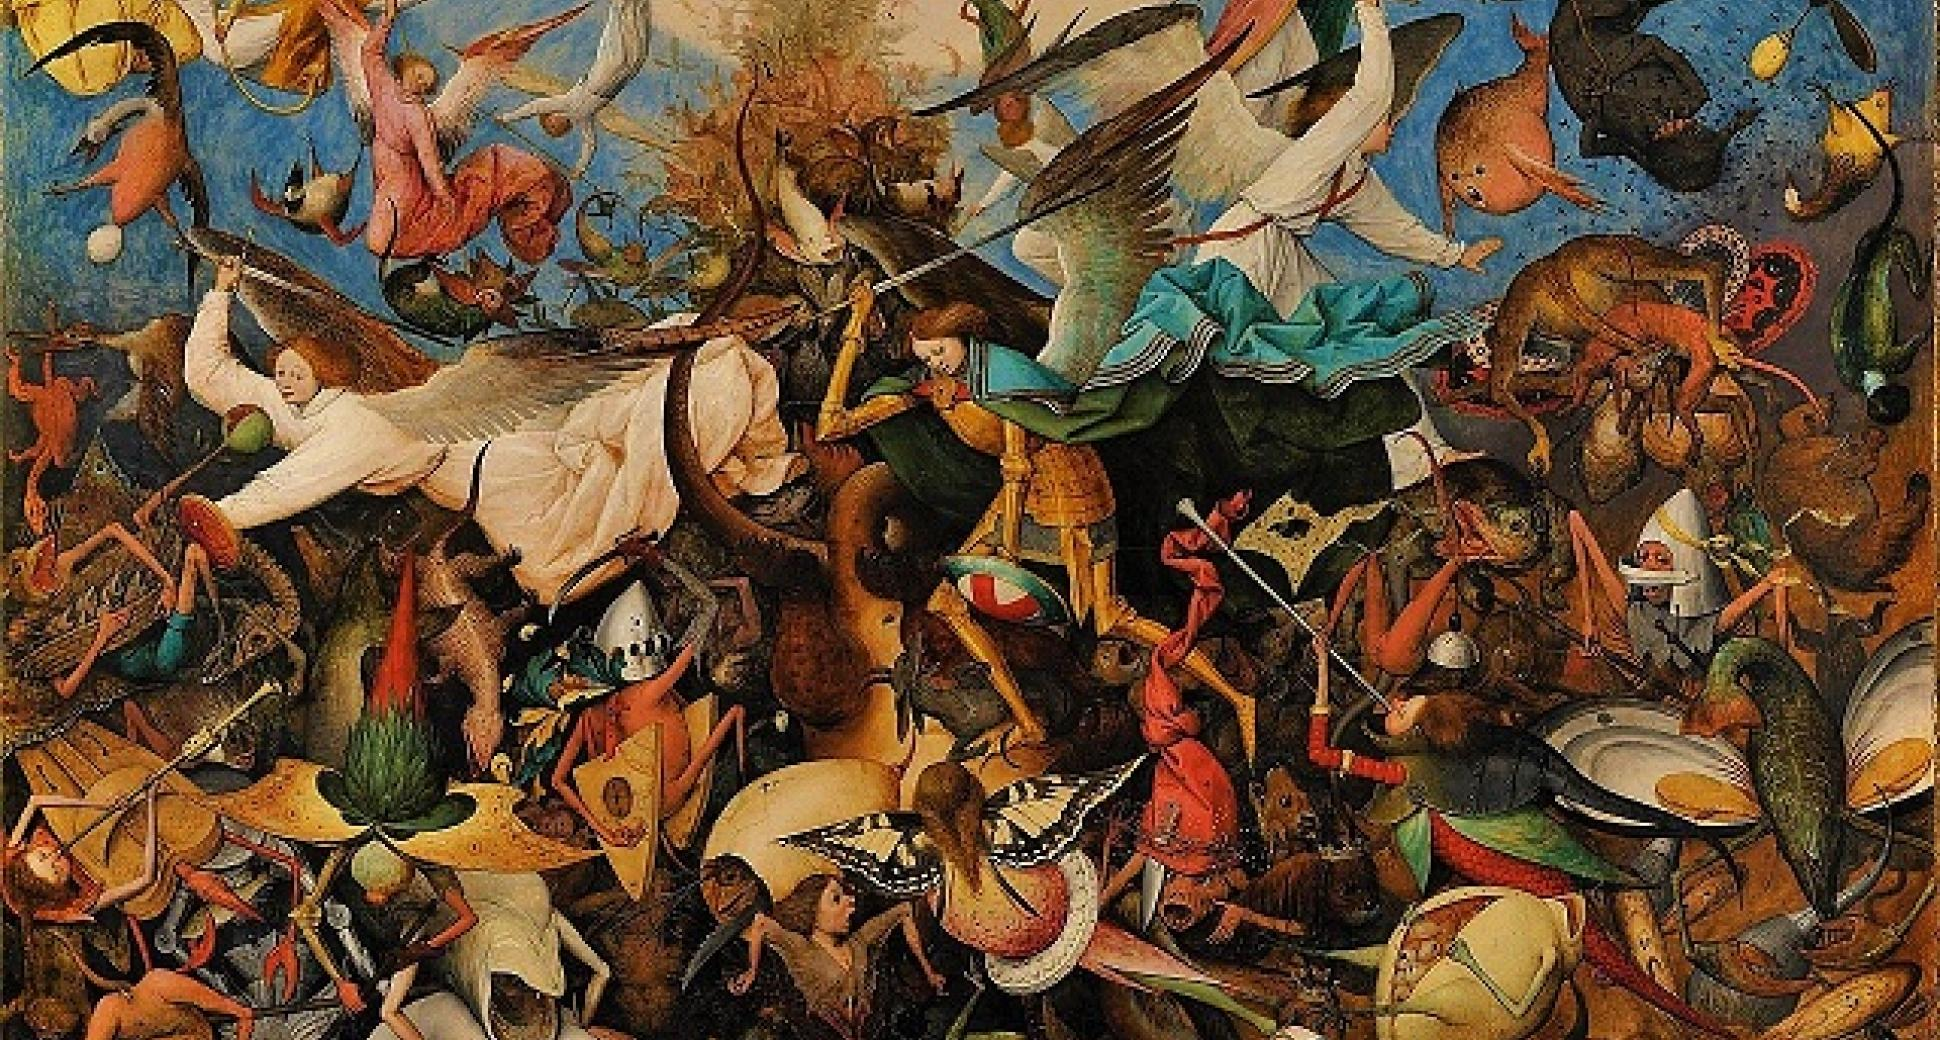 De Tweede Jeroen Bosch Heette Bruegel Jeugd Cultuur En